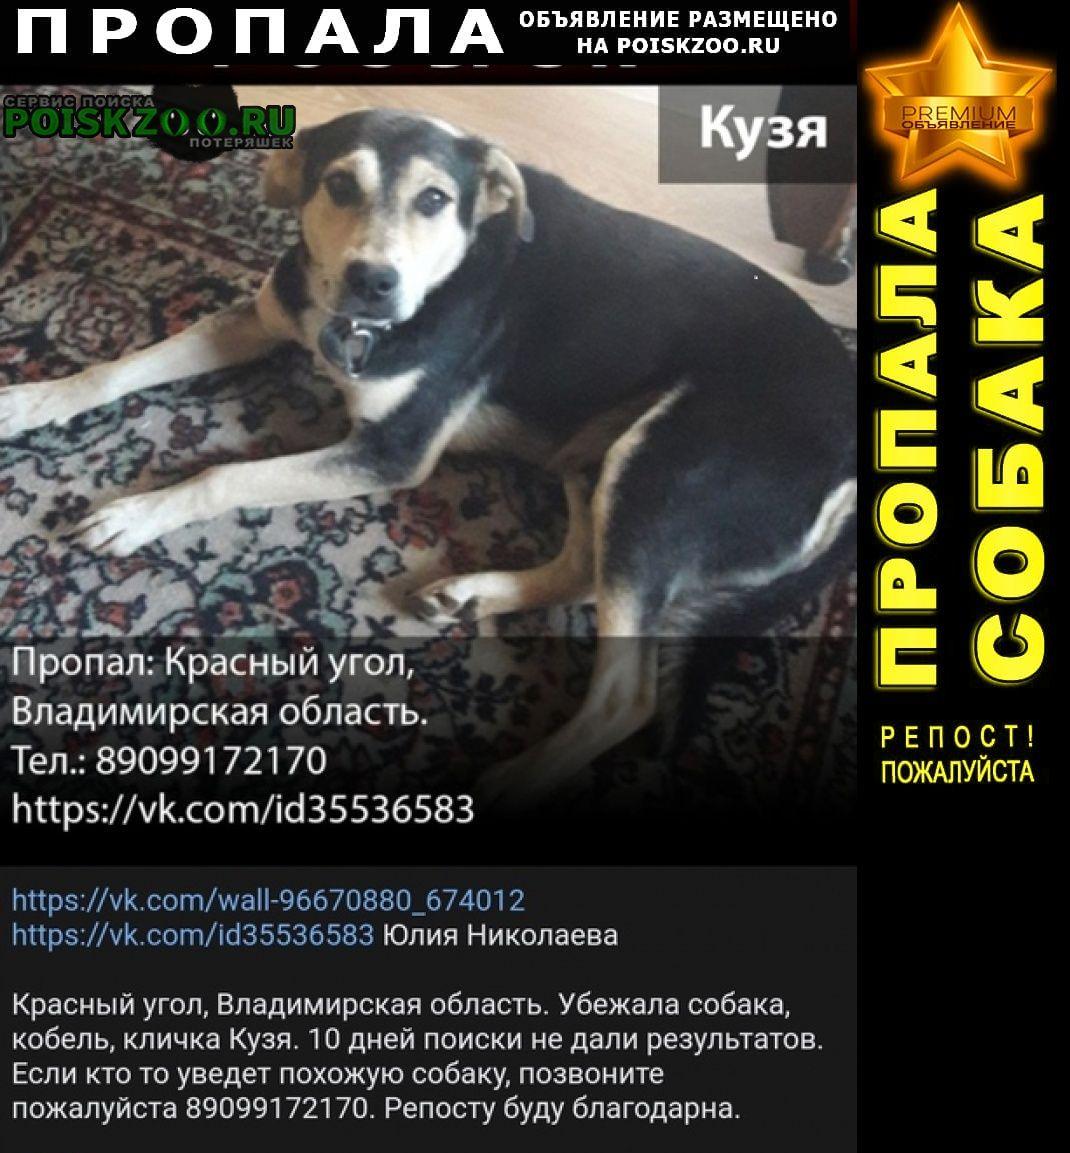 Пропала собака кобель пожалуйста помогите с поиском Киржач